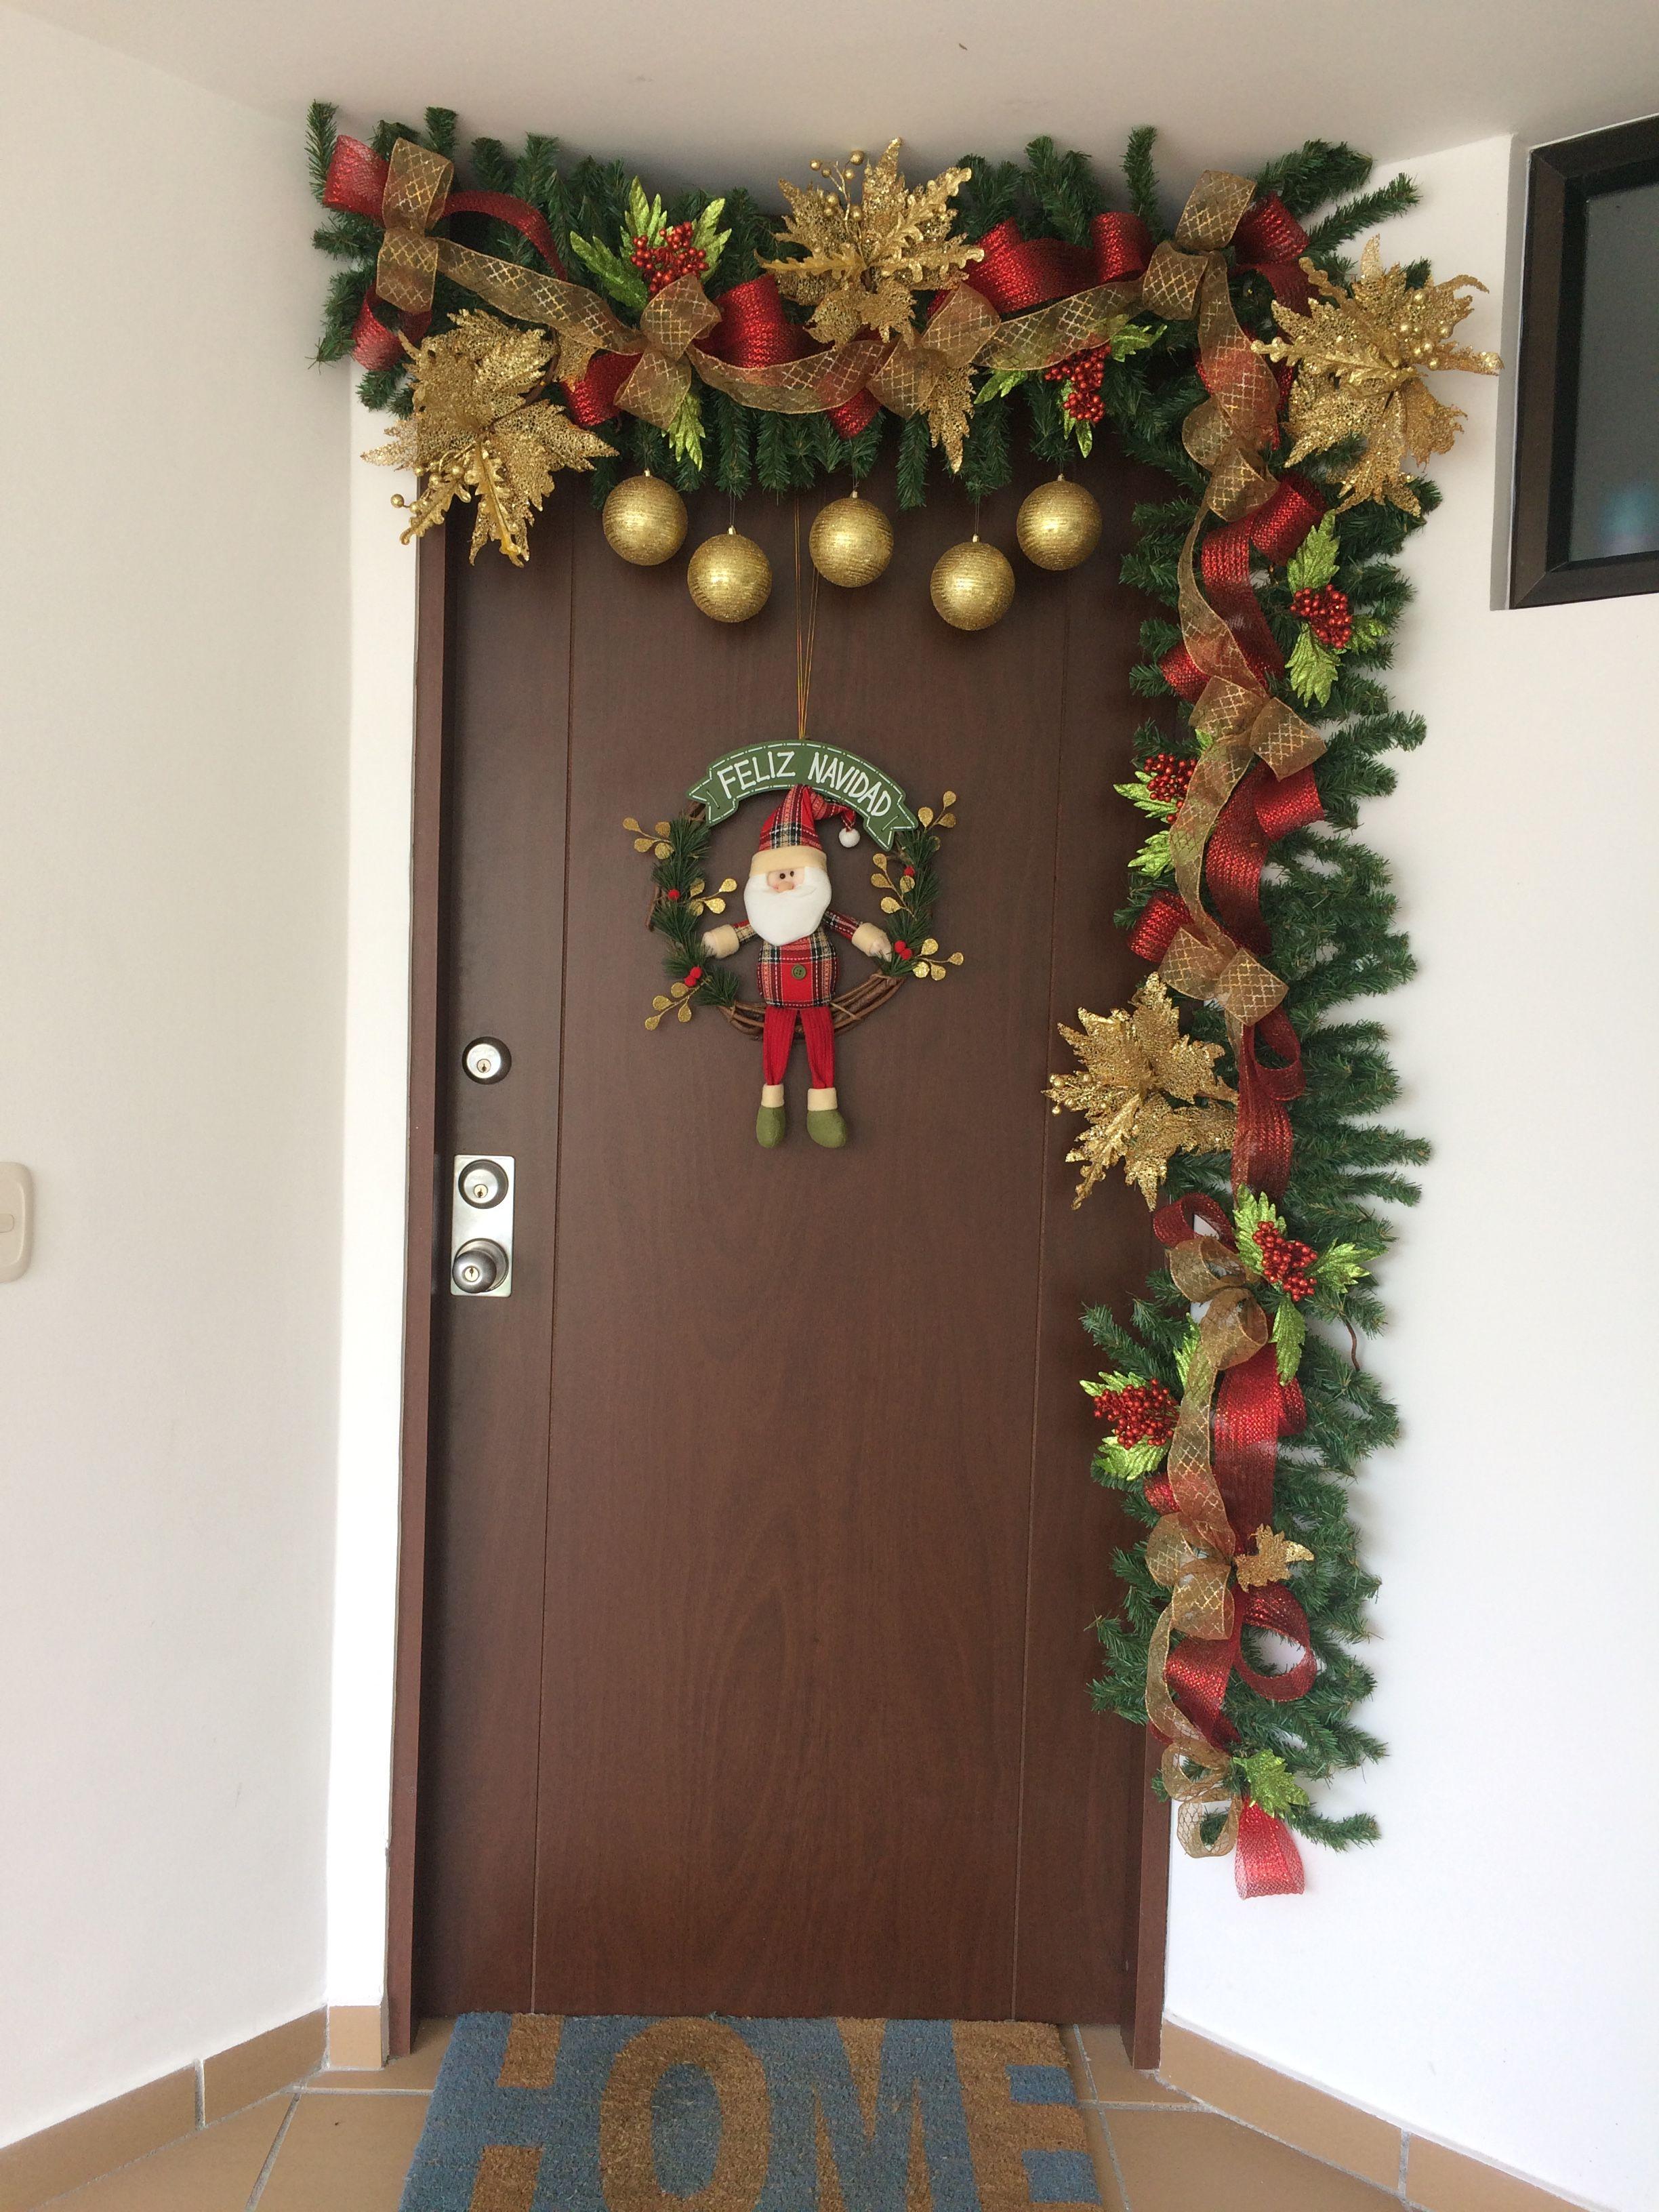 Arreglo navide o puerta decoracion arbol de navidad - Adornos navidenos para puertas ...